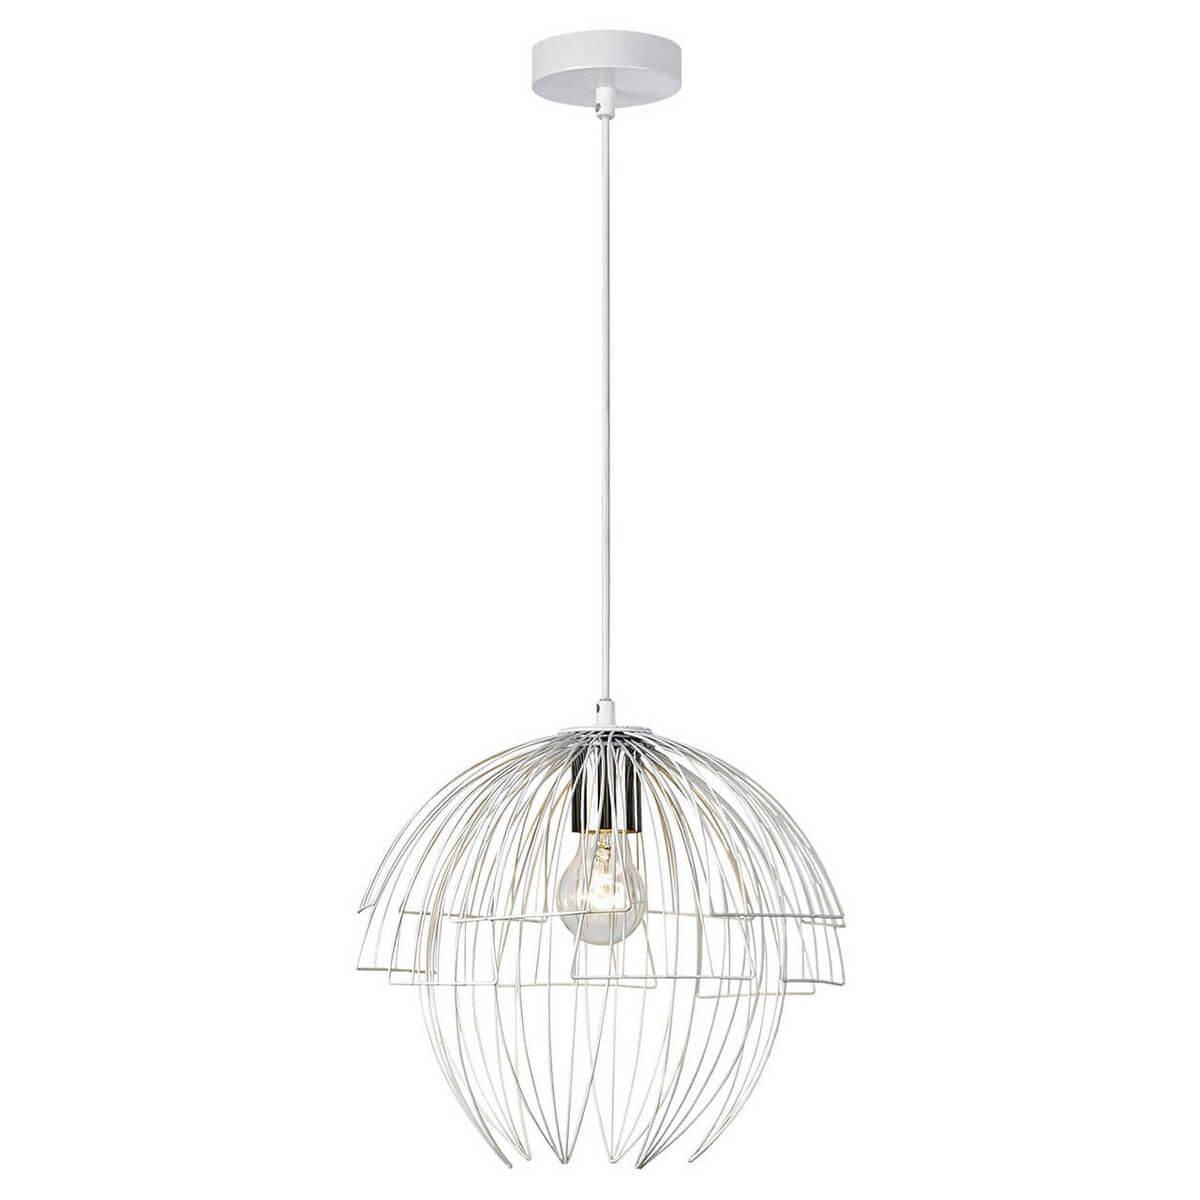 Подвесной светильник Lussole GRLSP-9977, E27, 11 Вт подвесной светильник lussole grlsp 9945 белый